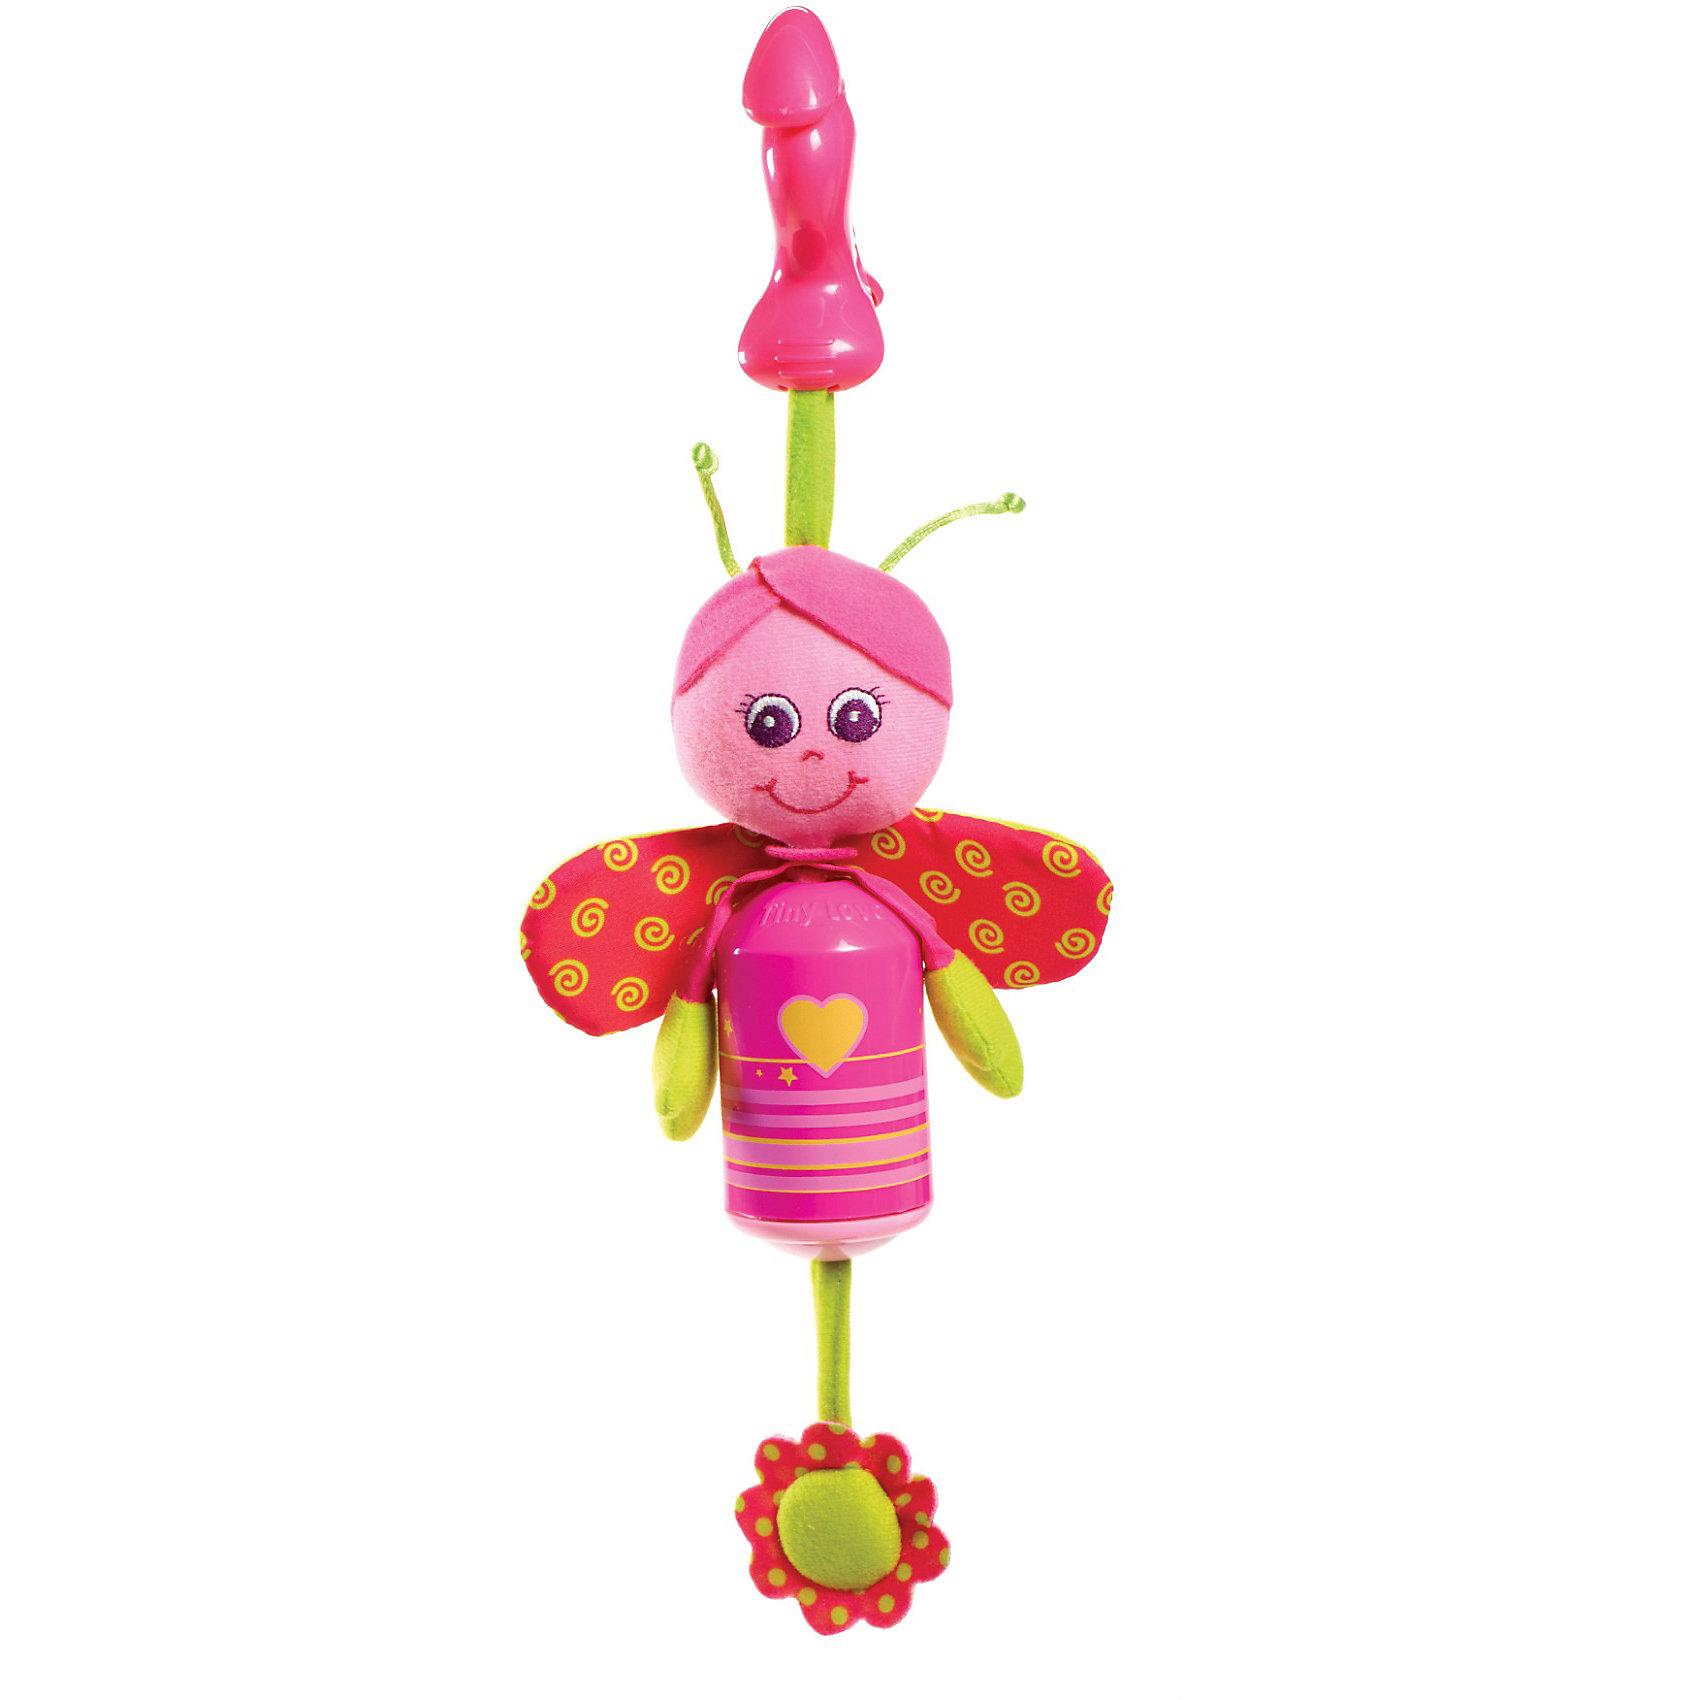 Подвес-колокольчик Бабочка Софи , Tiny LoveИгрушки для малышей<br>Подвес-колокольчик Бабочка Софи  от Tiny Love (Тини Лав) непременно порадует малыша!<br><br>Игрушка выполнена в ярких тонах и является стилизованным ветряным колокольчиком; мордочка  ручки и ножки игрушки выполнены из приятных текстильных материалов различной фактуры, кроме того  в игрушке  спрятаны «хрустелки» столь любимые малышами. При малейшем колебании колокольчик издает не громкий мелодичный звук (сродни традиционной музыке ветра).<br><br>С милой Бабочкой можно весело играть дома, а ещё эту яркую мягкую игрушку можно взять с собой на прогулку - теперь крохе не скучна ни какая дорога. Игрушка с помощью пластикового крабика-клипсы легко и быстро закрепляется на прогулочной коляске или кресле малыша. Игрушку также можно прикрепить к кроватке малыша или дугам развивающего центра, использовать для независимой игры. <br><br>Дополнительно:<br>- Размер игрушки: 27х10х7 см. <br>- Материал:  фарфоровый пластик<br><br>Подвес-колокольчик Бабочка Софи  от Tiny Love (Тини Лав) можно купить в нашем интернет – магазине.<br><br>Ширина мм: 70<br>Глубина мм: 340<br>Высота мм: 130<br>Вес г: 128<br>Возраст от месяцев: 0<br>Возраст до месяцев: 24<br>Пол: Унисекс<br>Возраст: Детский<br>SKU: 3421194